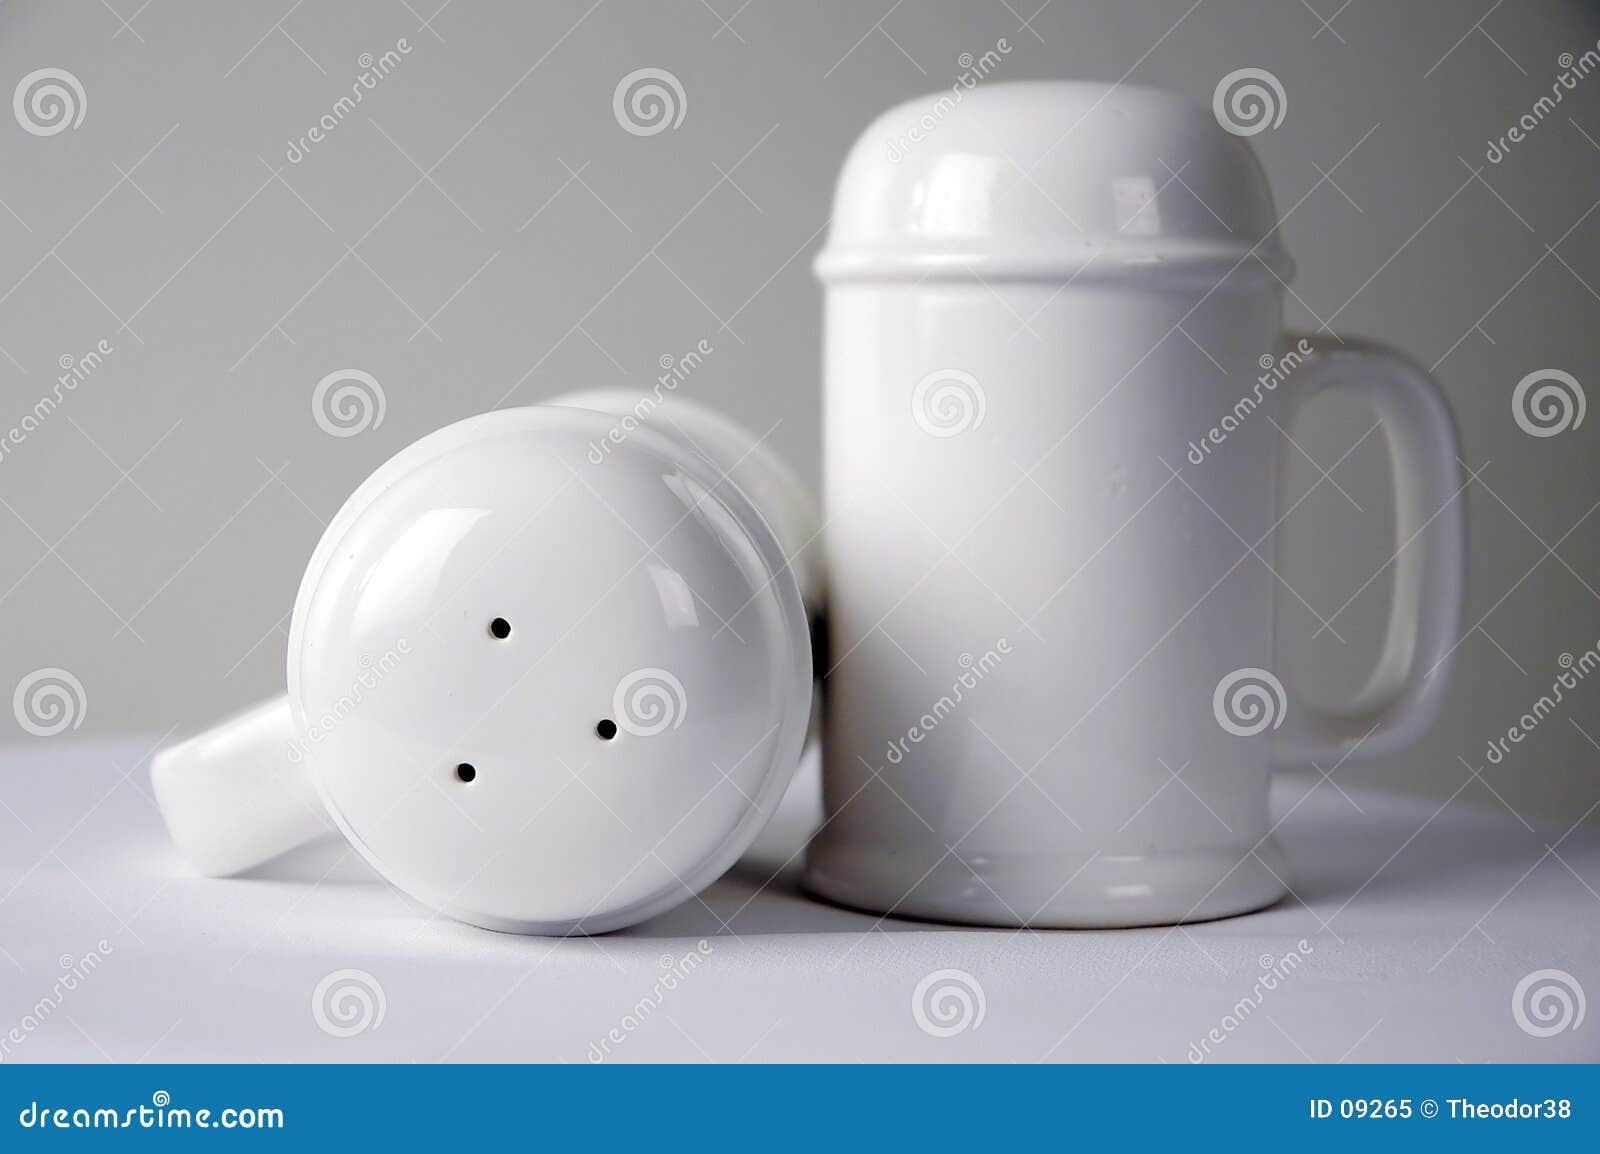 Salz und pepper-2